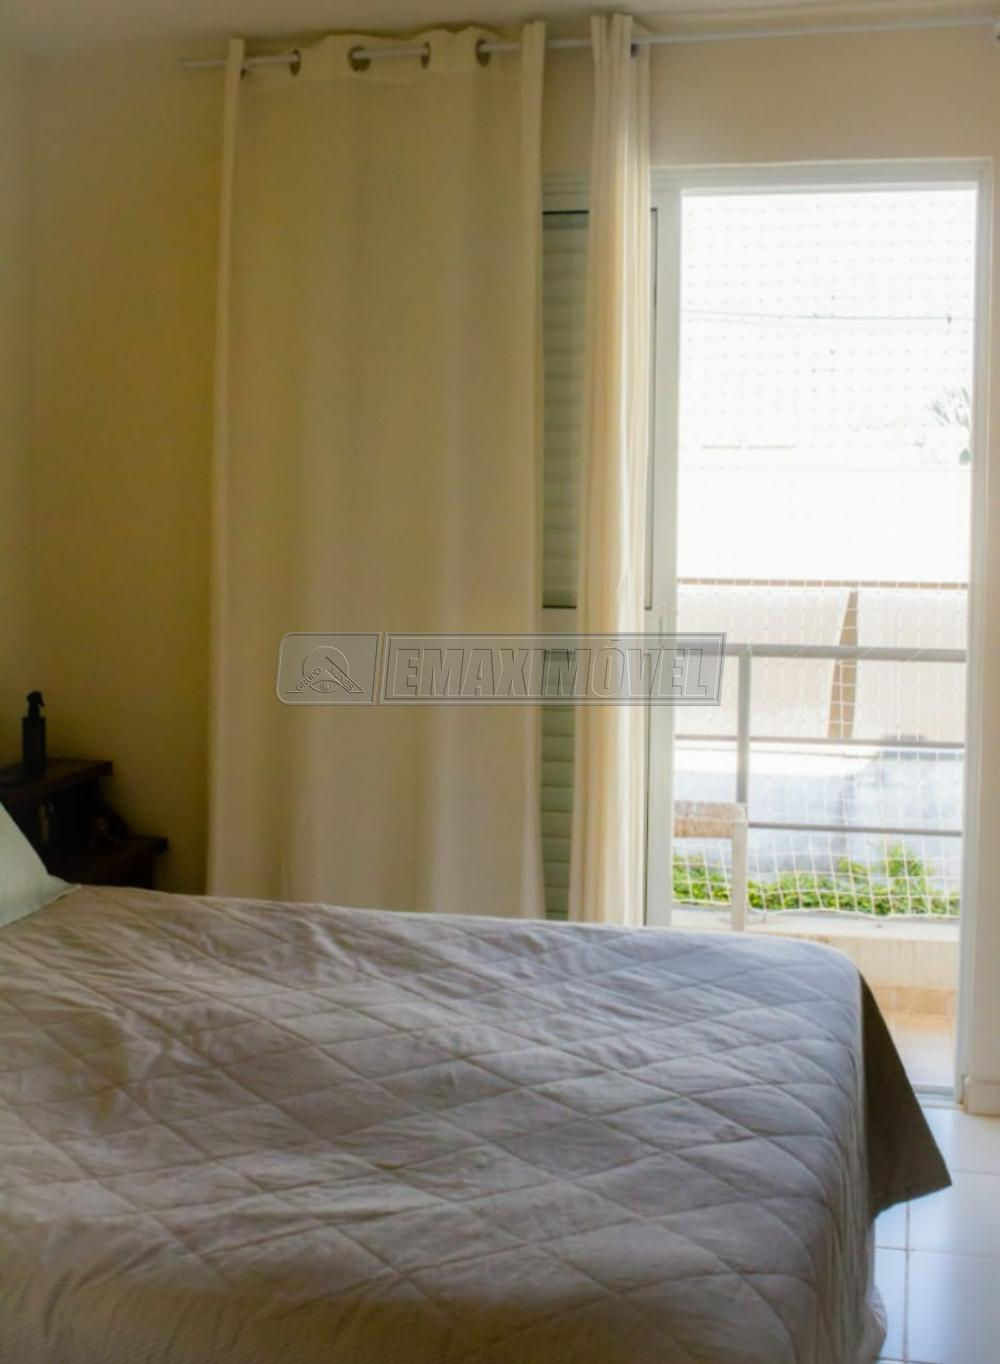 Comprar Casas / em Condomínios em Sorocaba apenas R$ 395.000,00 - Foto 8